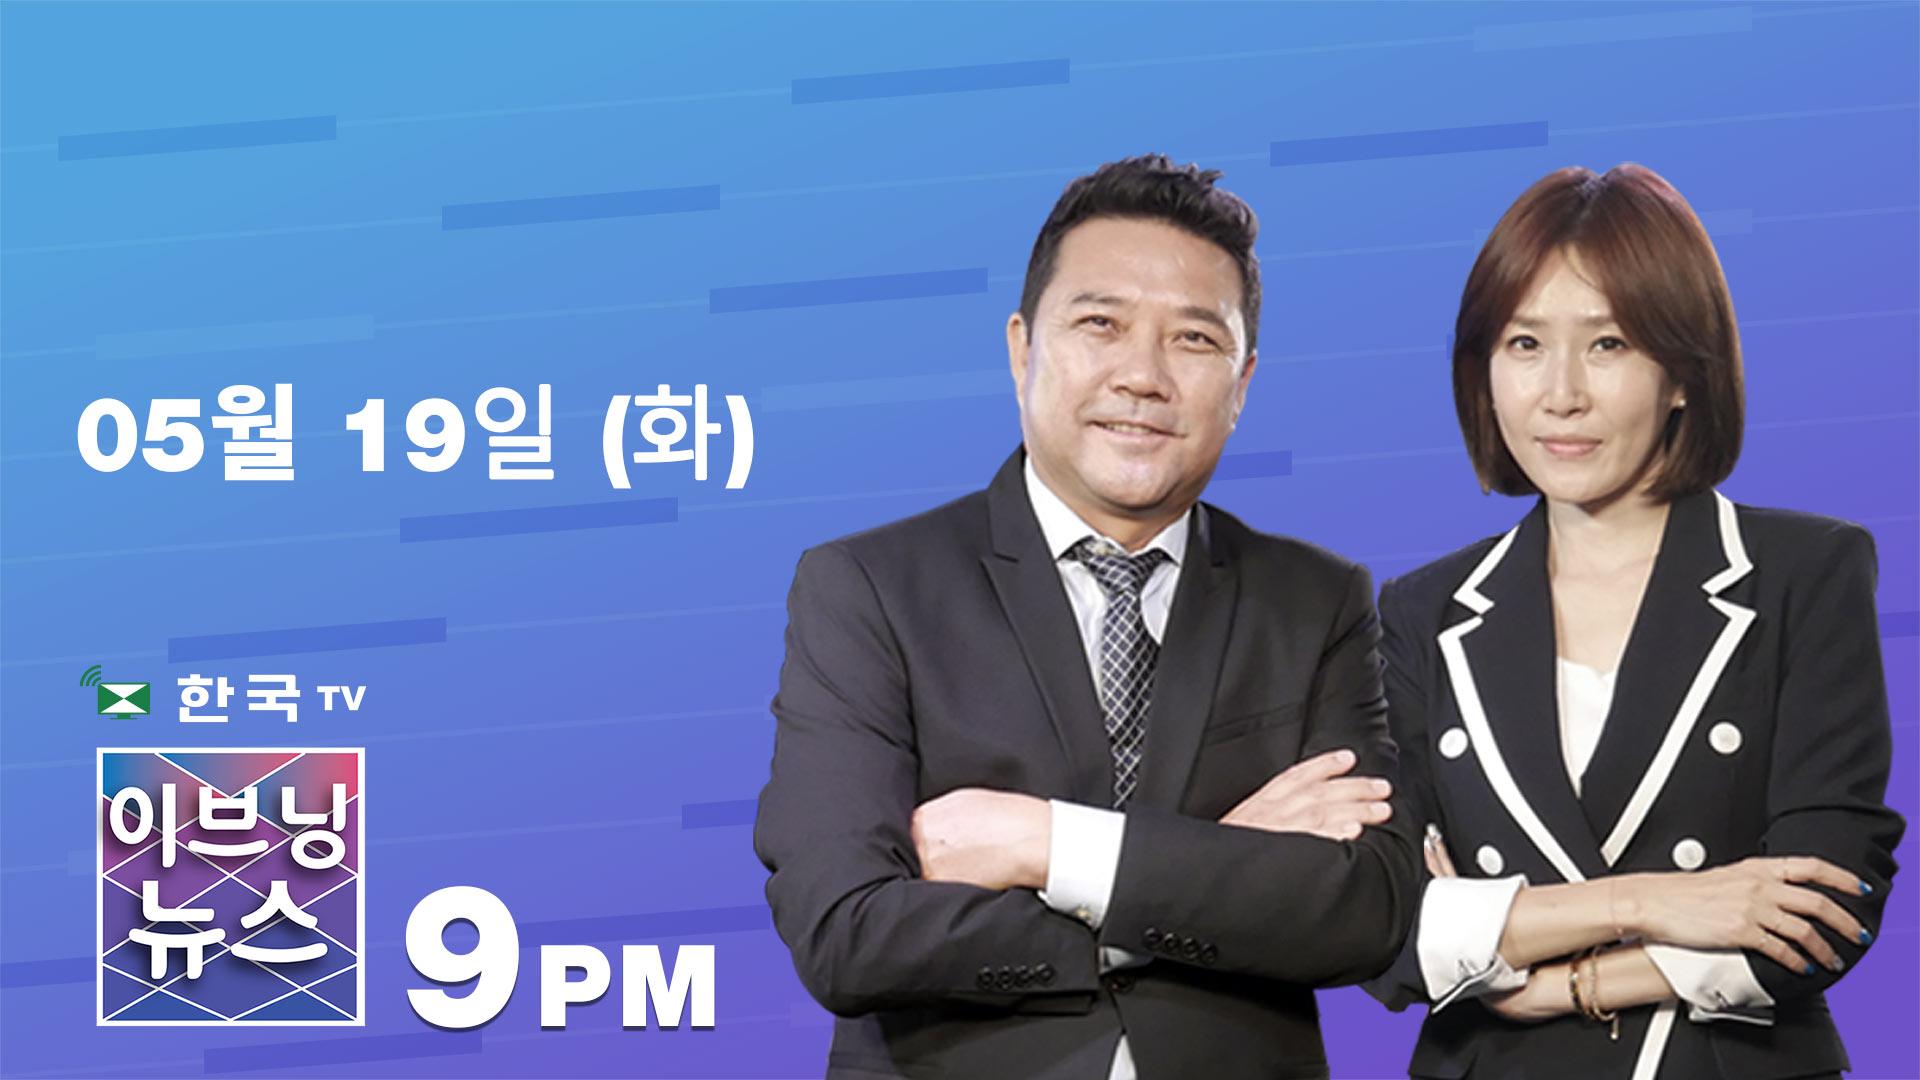 (05.19.2020) 한국TV 이브닝 뉴스